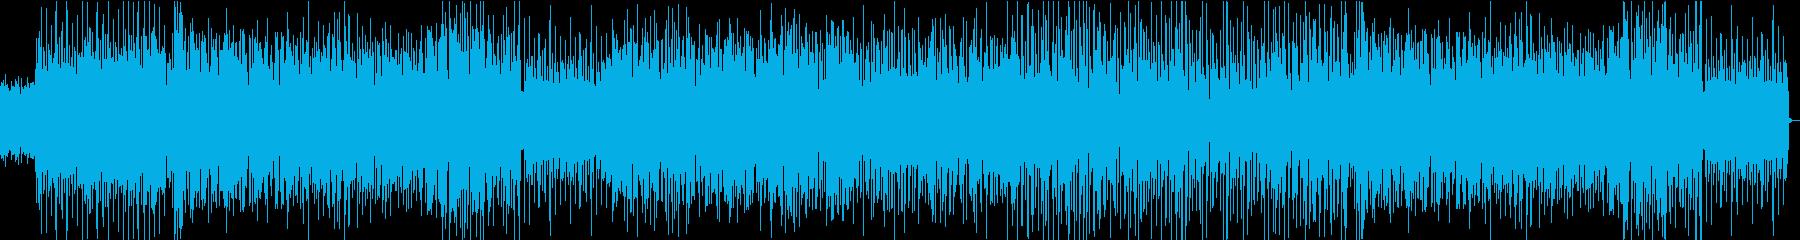 アグレッシブなエレクトロニックジャズの再生済みの波形